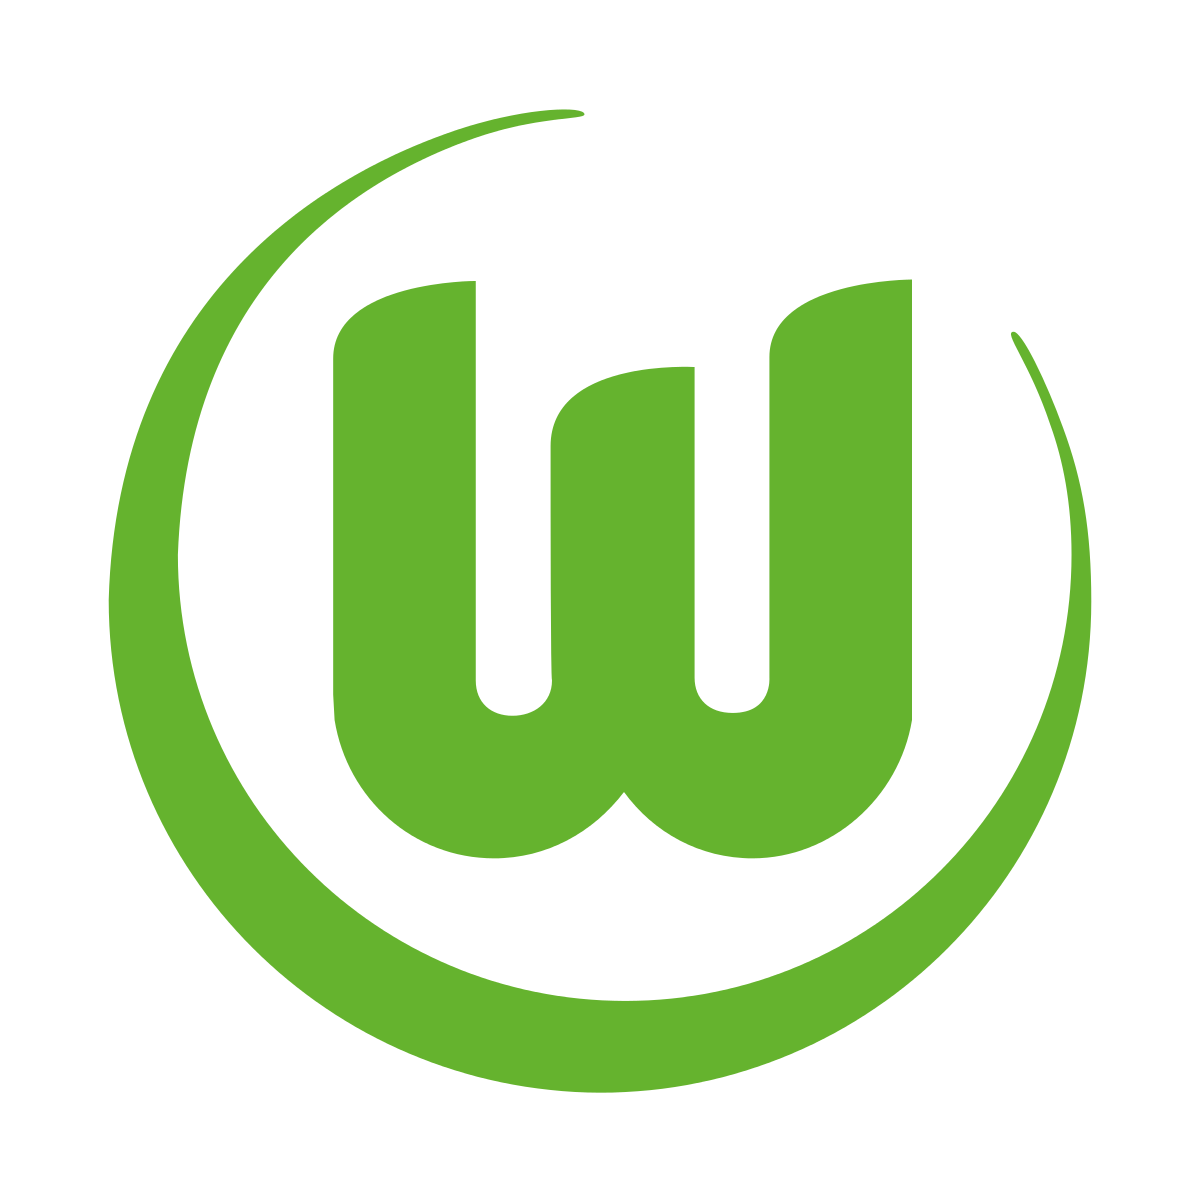 沃尔夫斯堡51体育直播间棒球